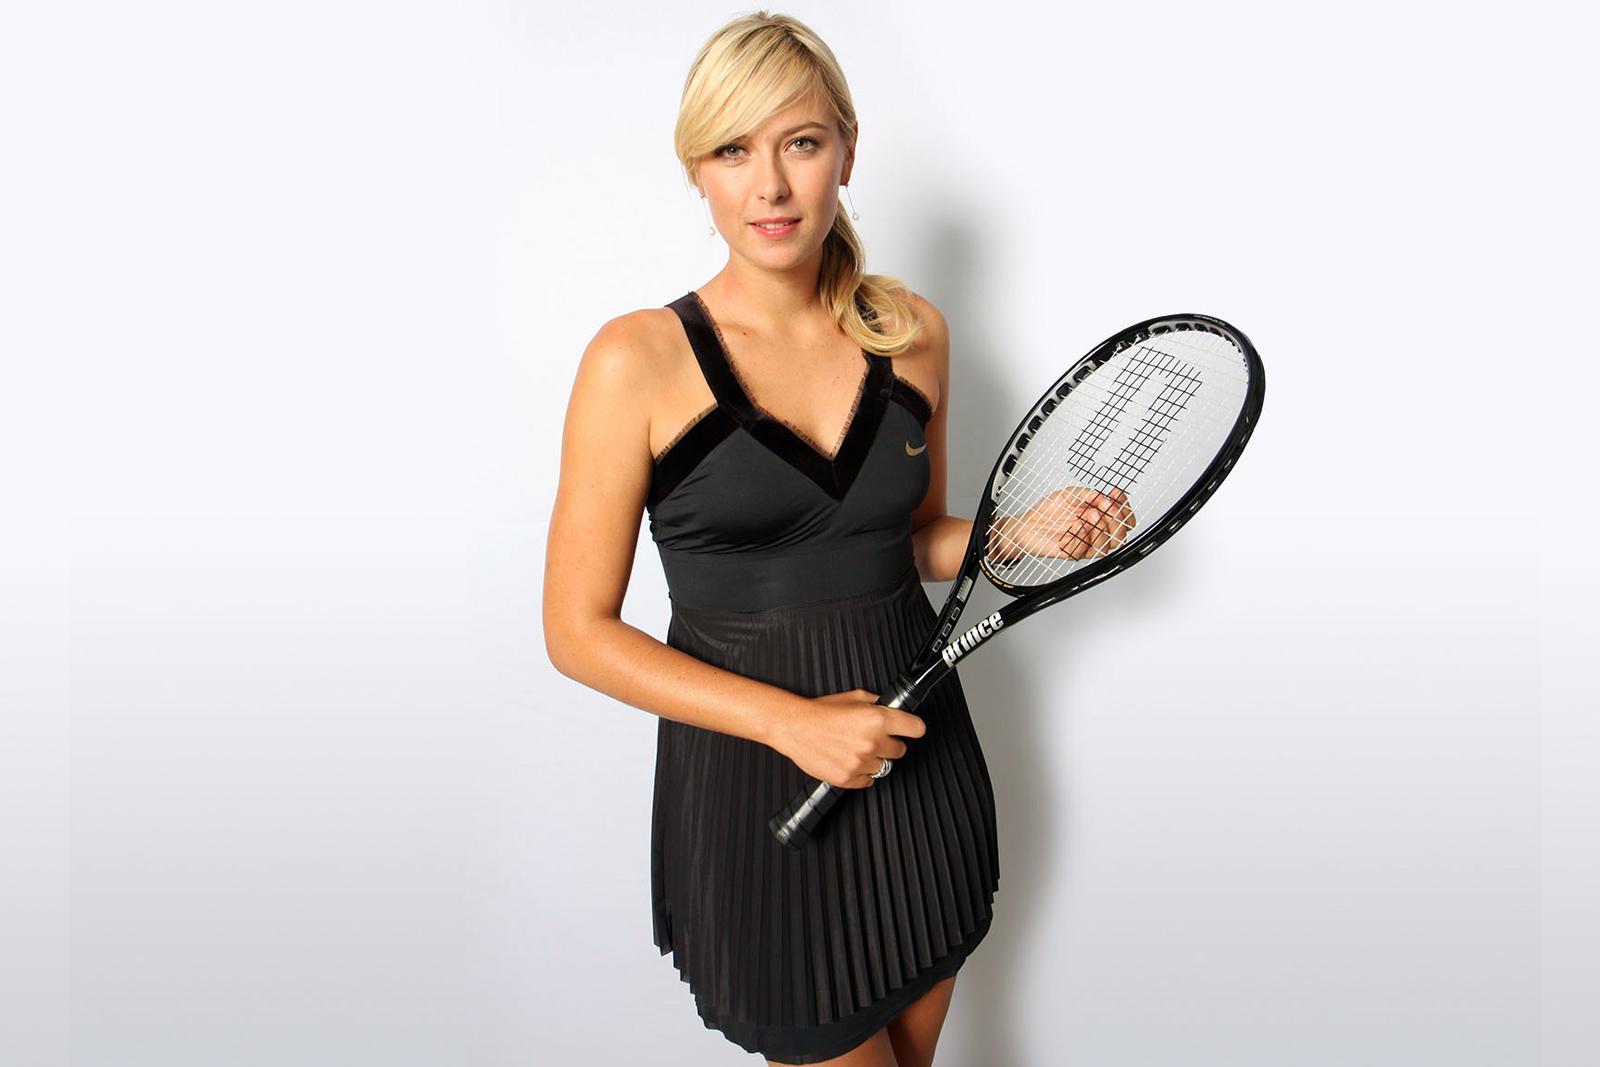 maria sharapova berita maria sharapova tennis dresses maria sharapova pacar maria sharapova instagram